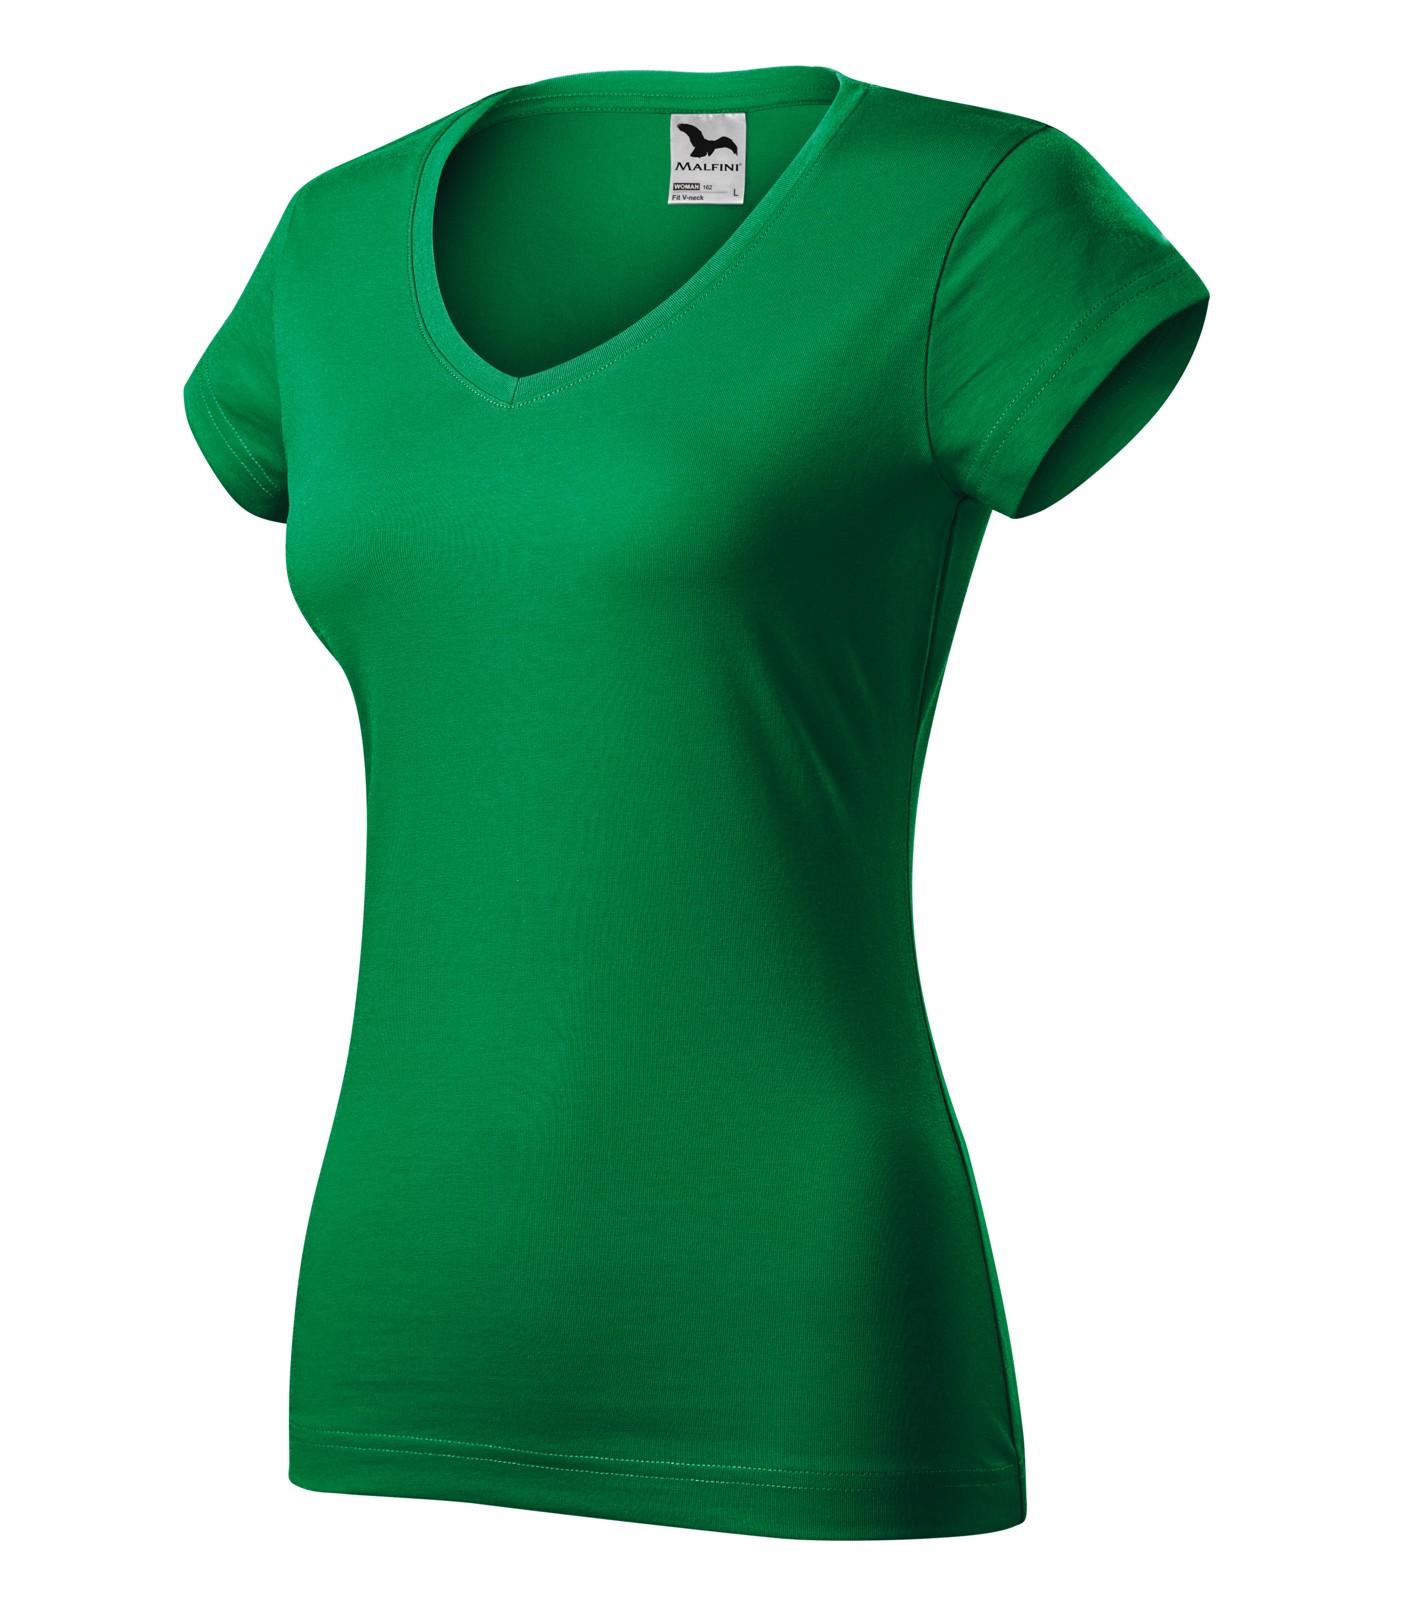 Tričko dámské Malfini Fit V-neck - Středně Zelená / 2XL